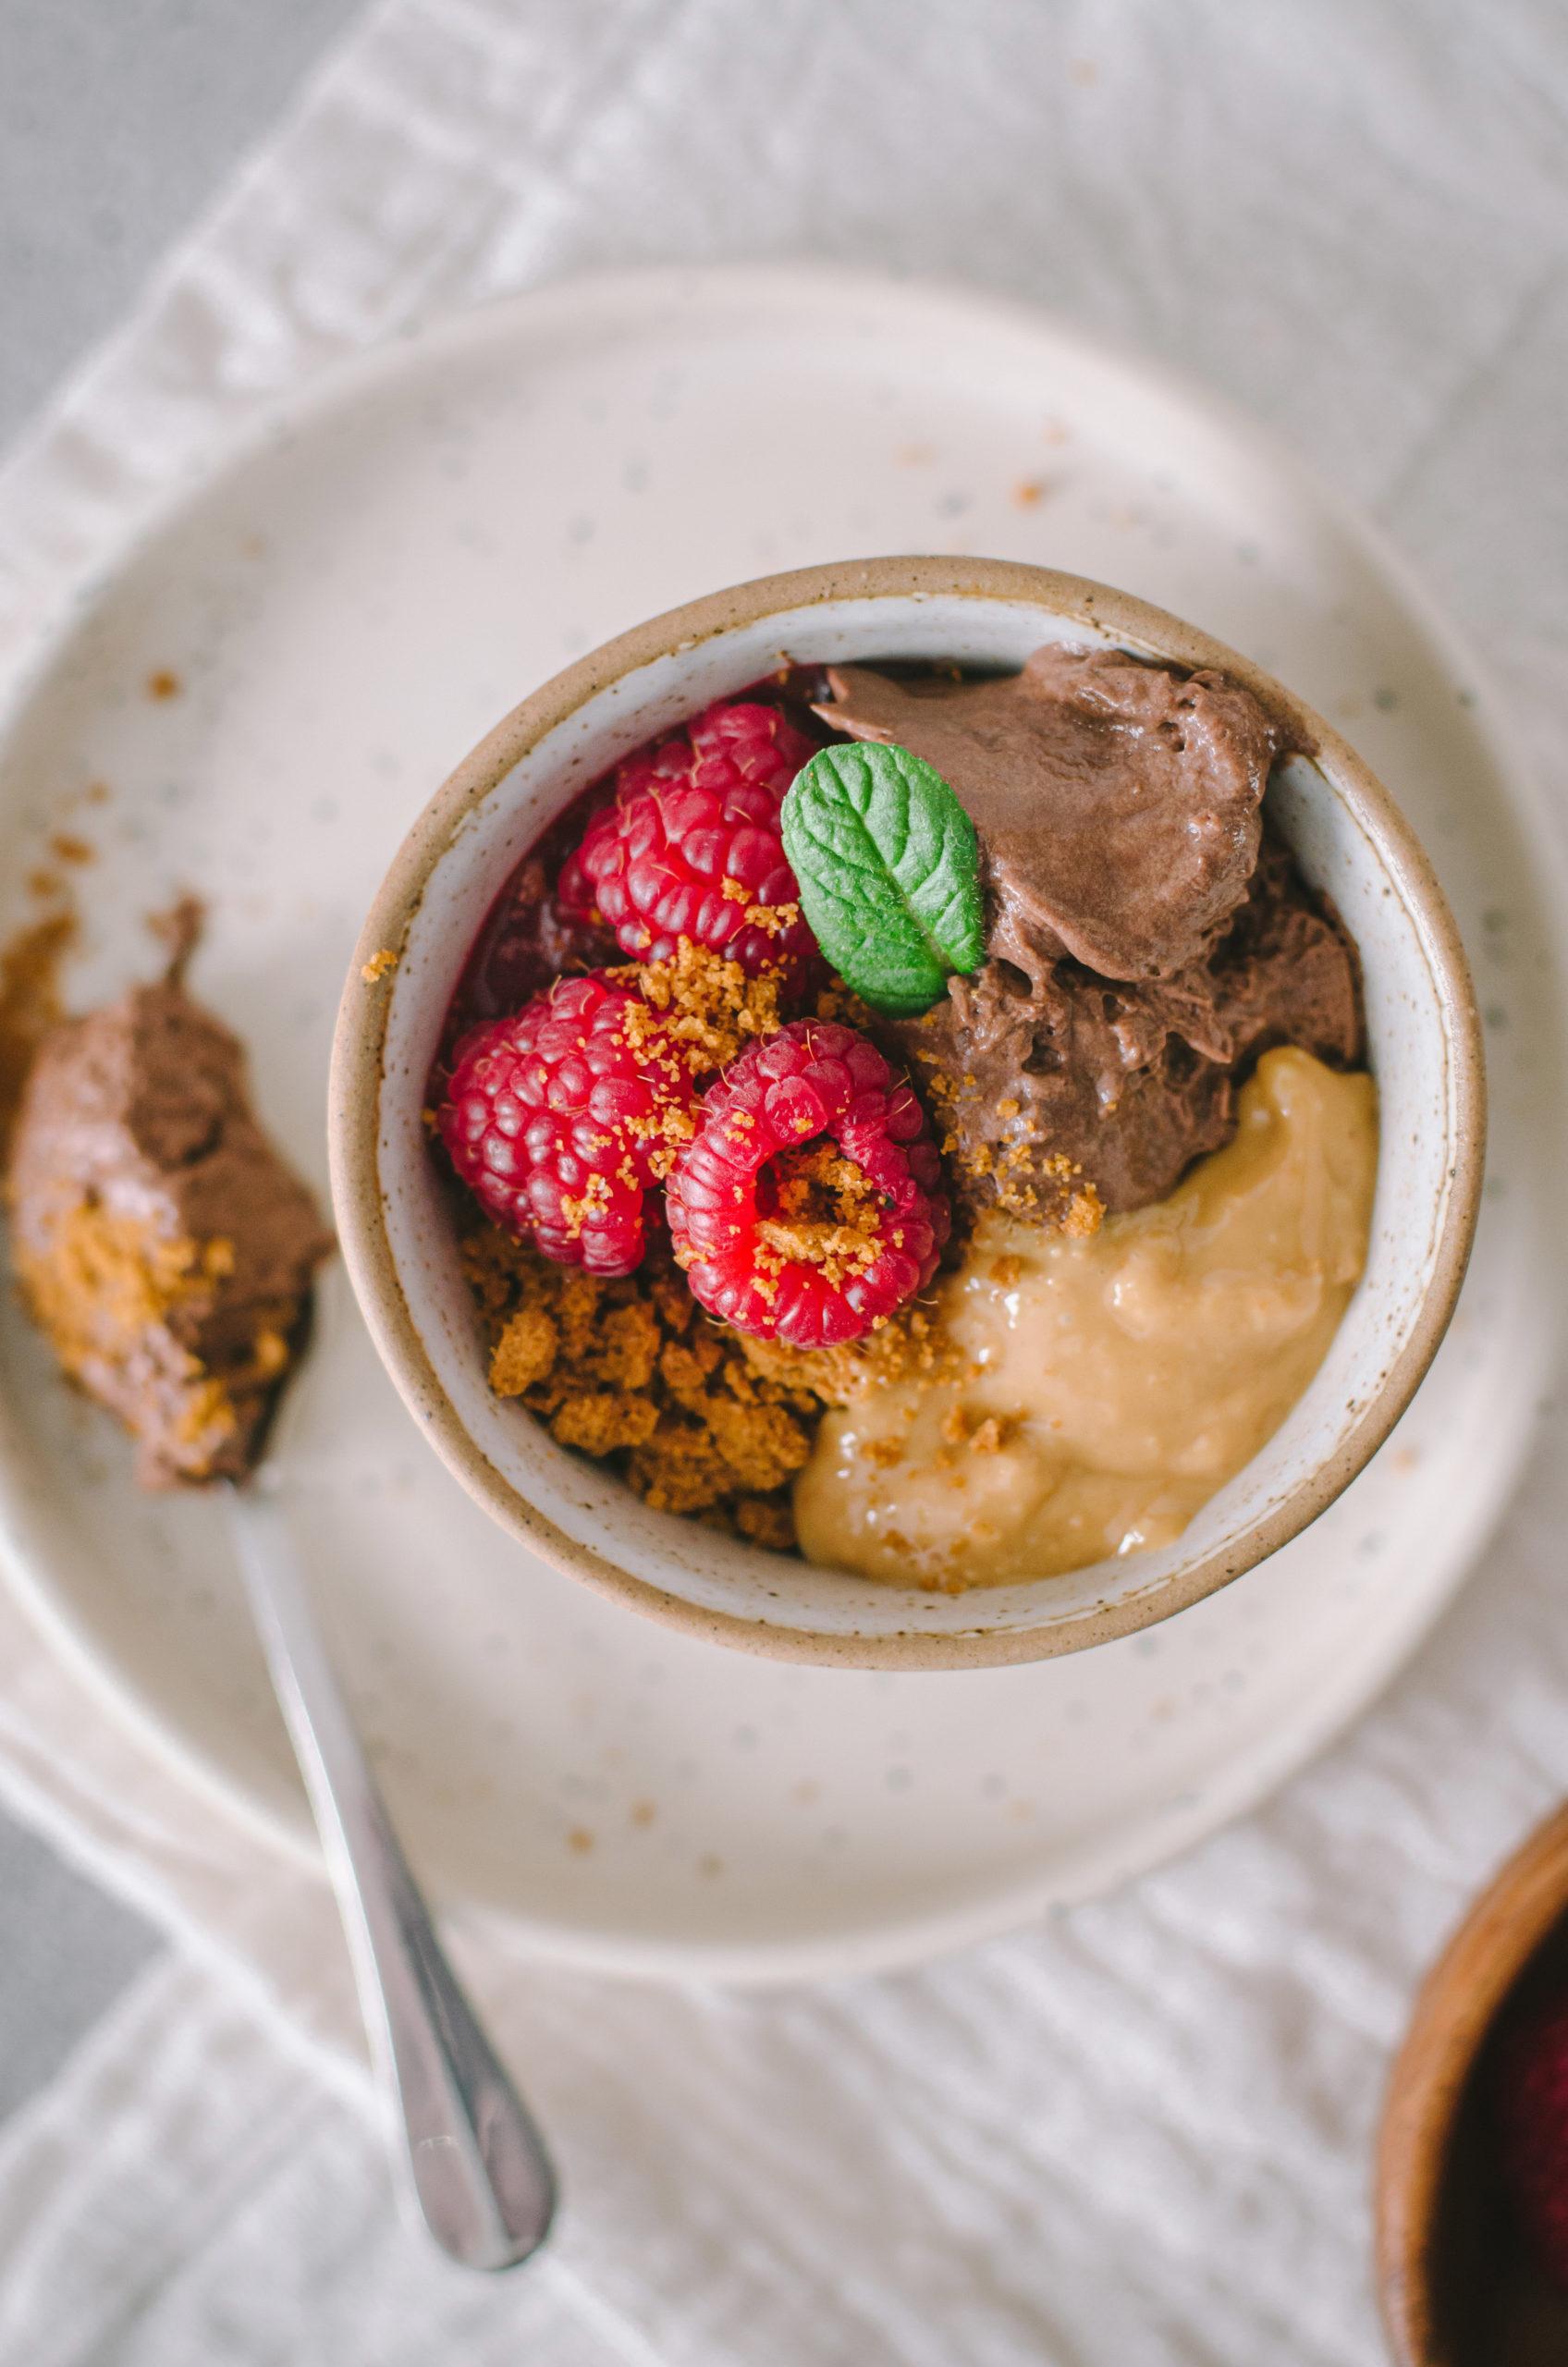 verrine mousse au chocolat framboise